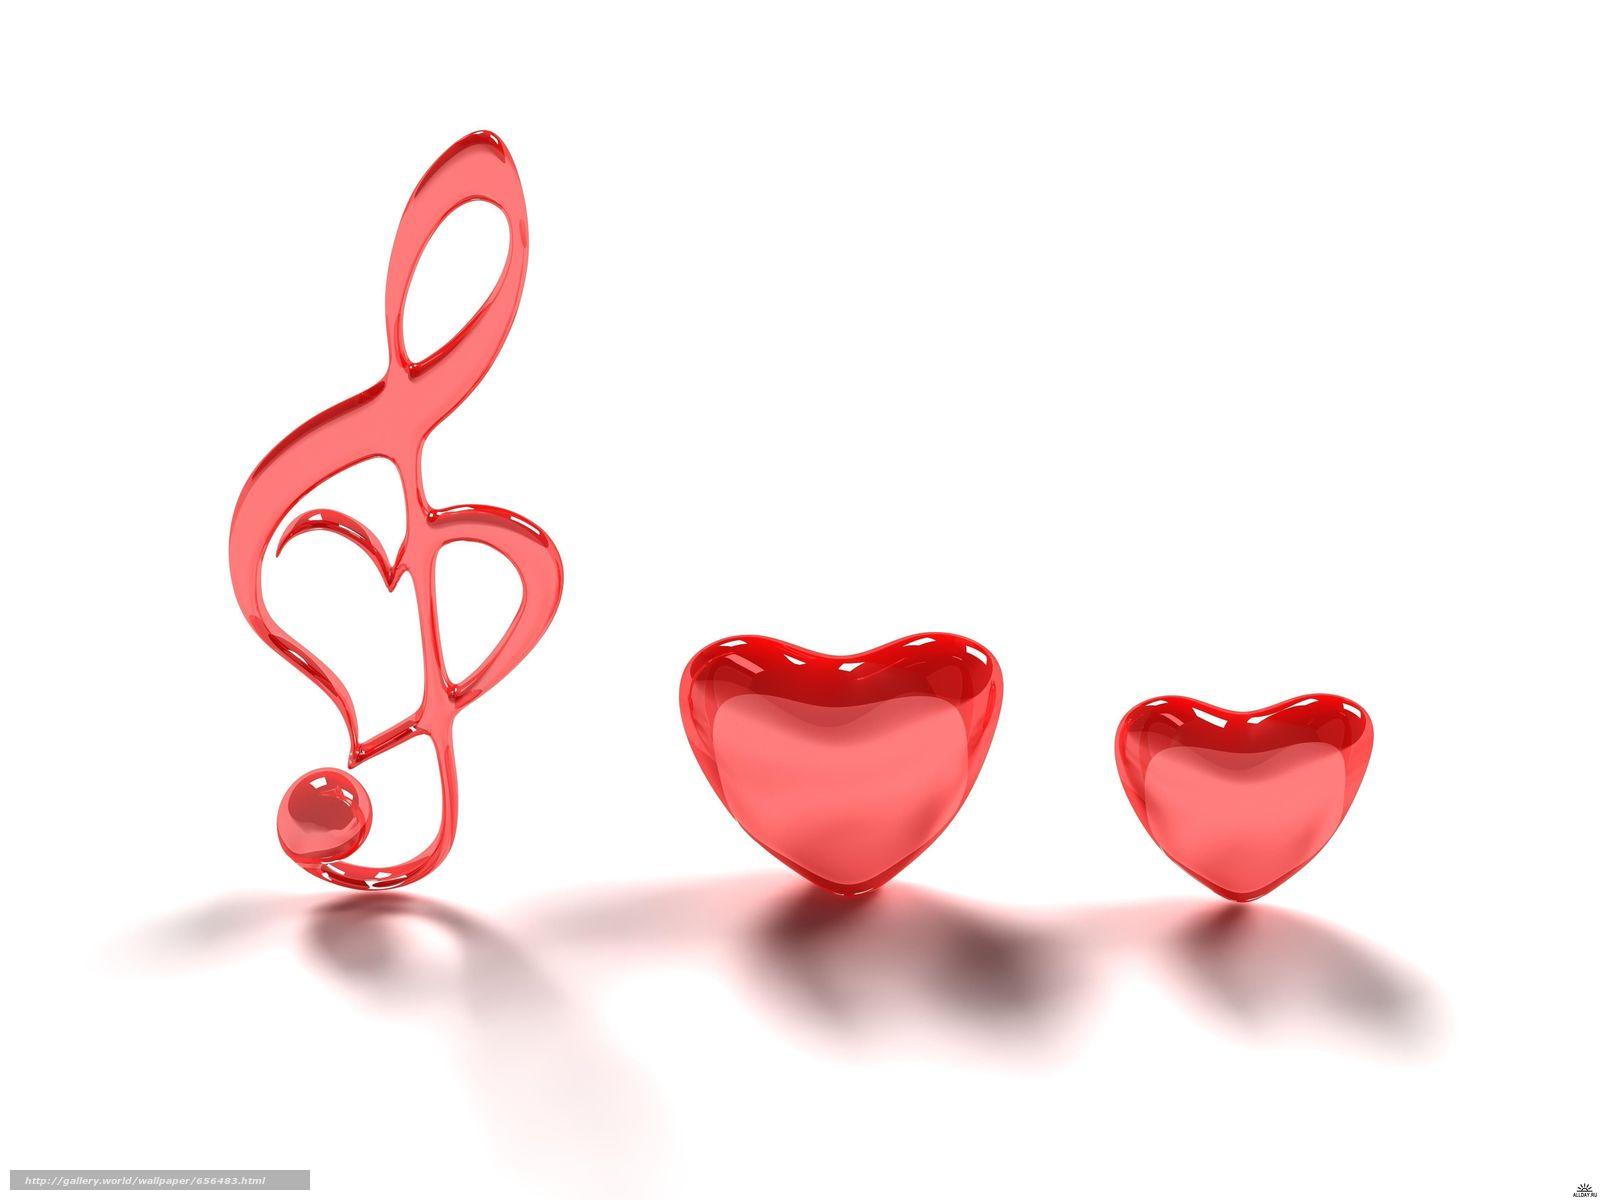 Скачать обои обои от Kisenok,  день святого валентина,  день всех влюбленных,  праздник бесплатно для рабочего стола в разрешении 4500x3375 — картинка №656483